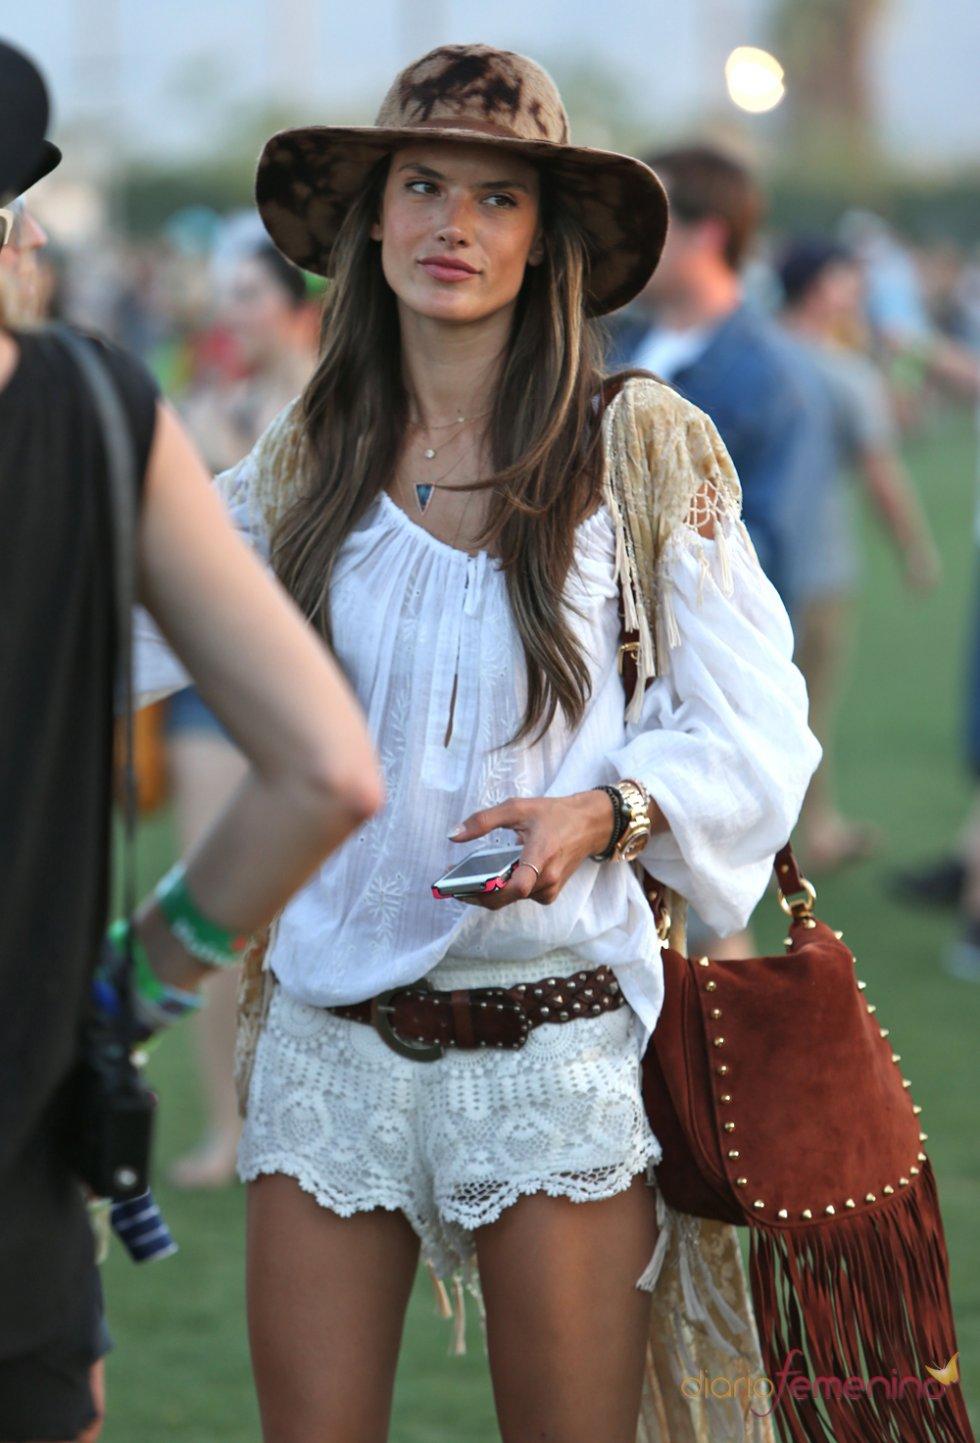 Alessandra Ambrosio posando en el Festival Coachella 2013